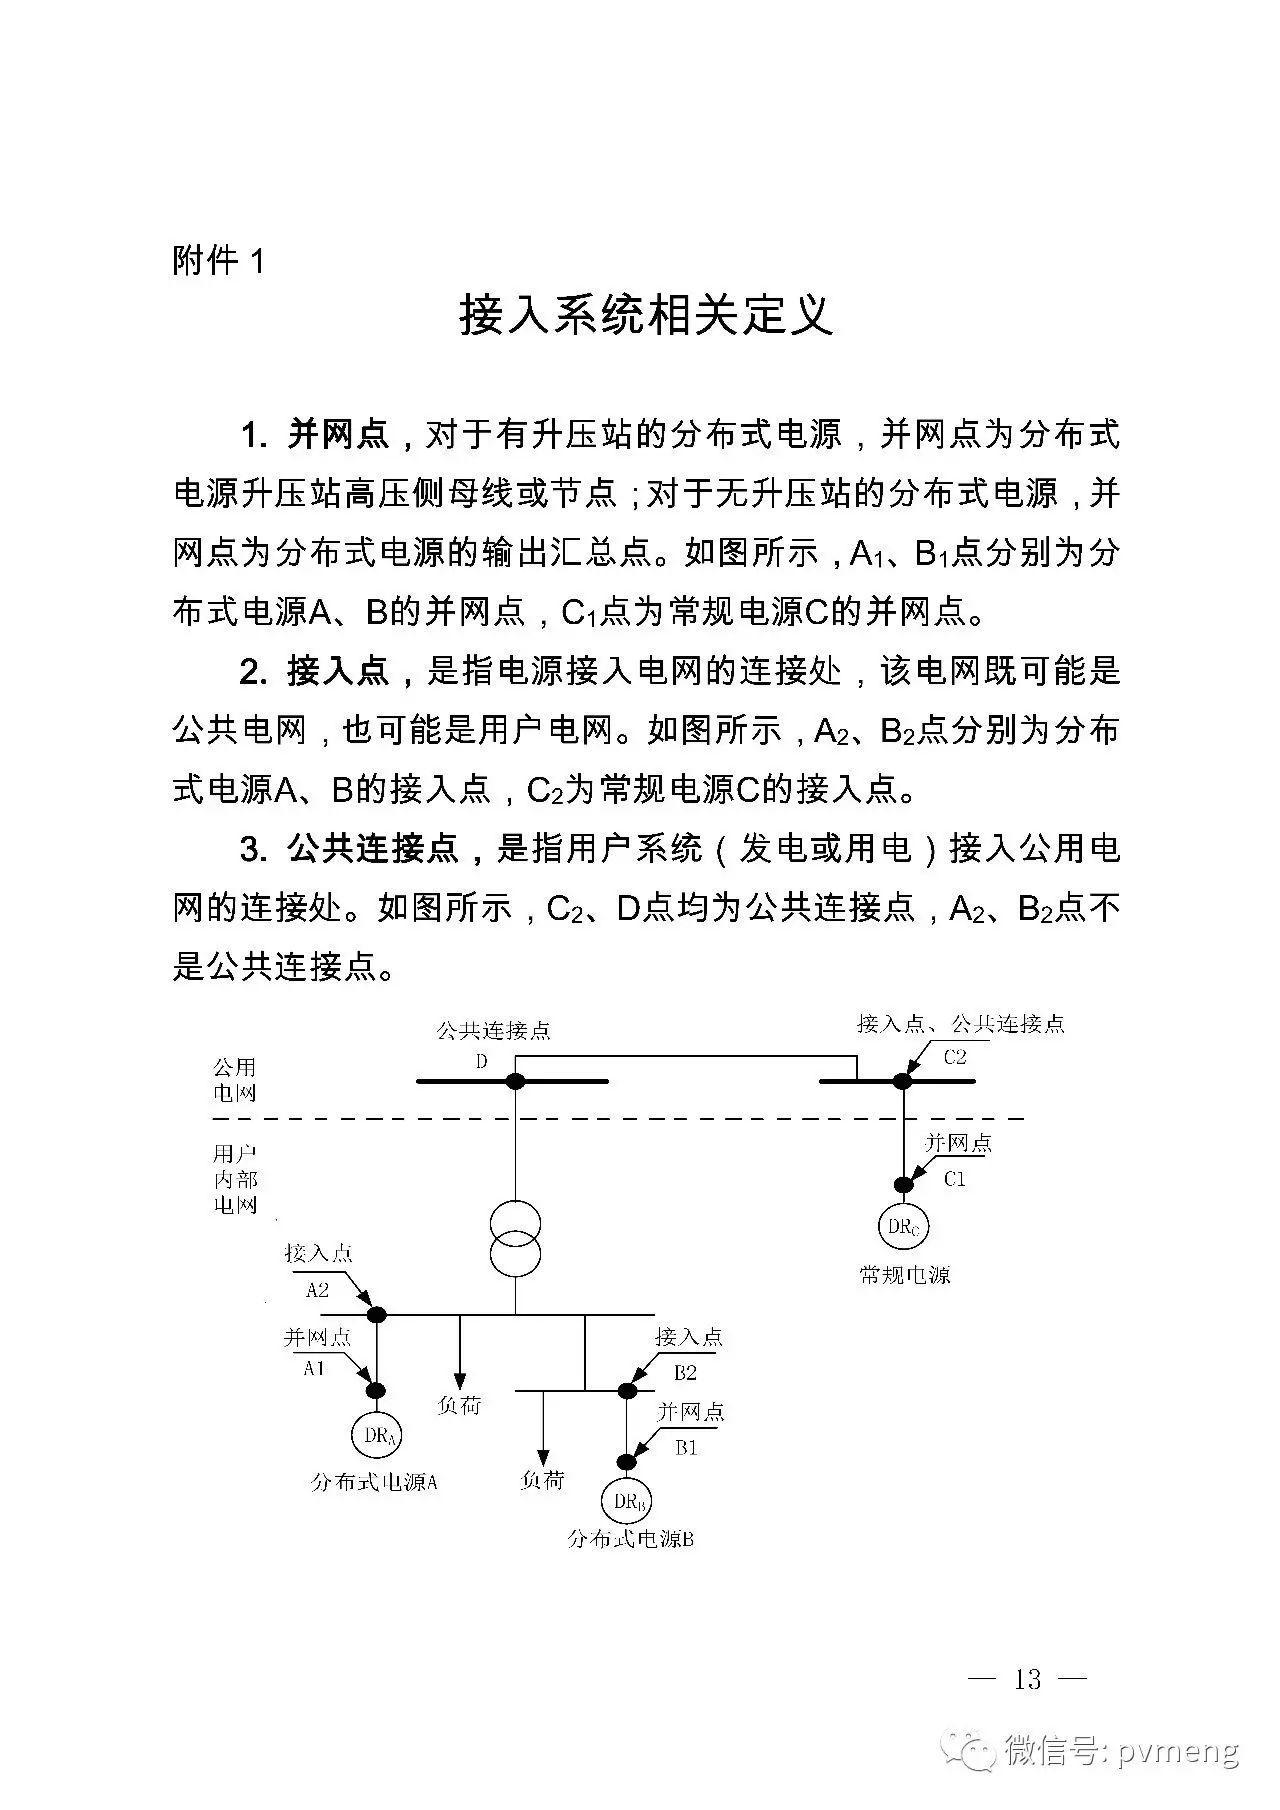 国家电网公司关于促进分布式电源并网管理工作的意见(修订版)